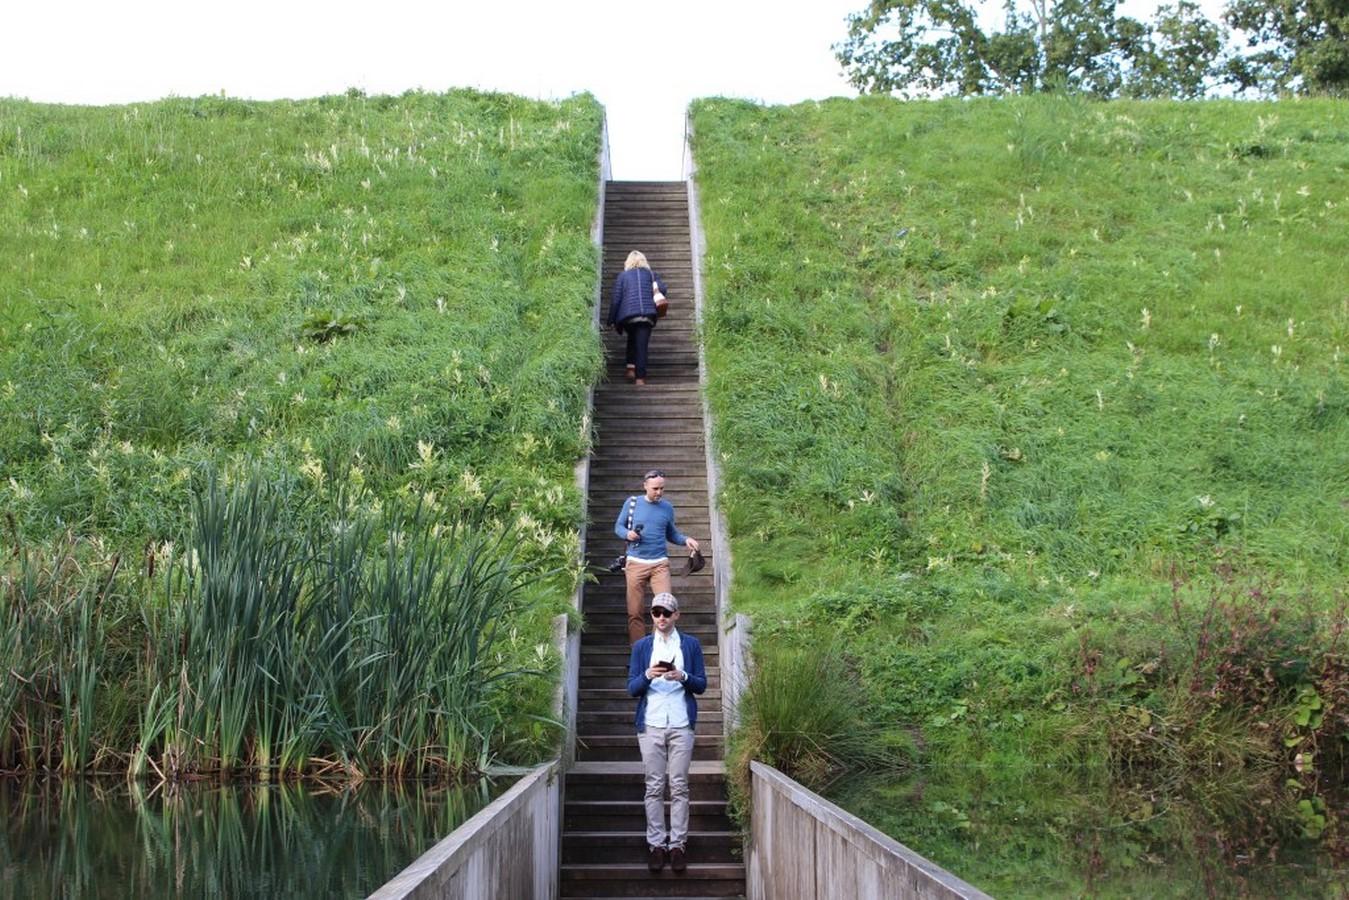 Moses Bridge, Netherlands - Sheet1